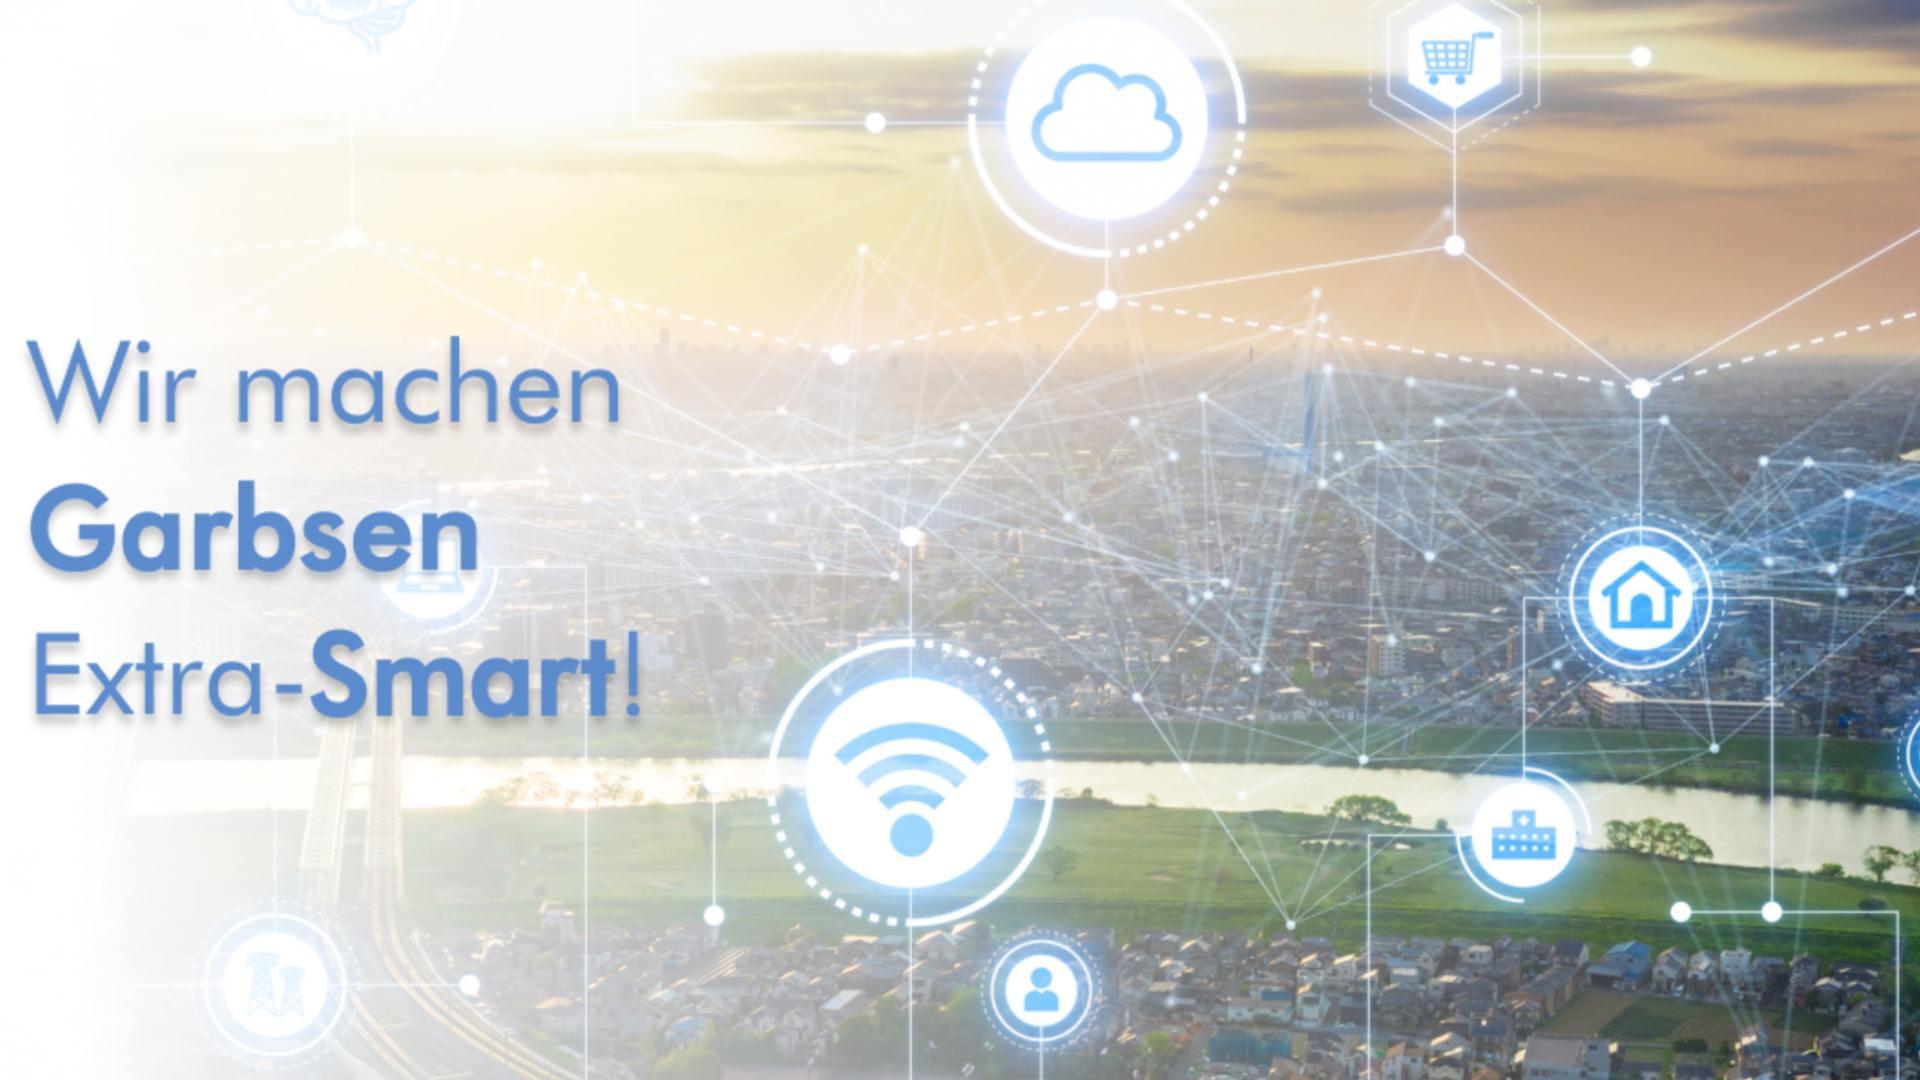 Mioty-Funktechnologie: Eine Stadt vernetzt sich